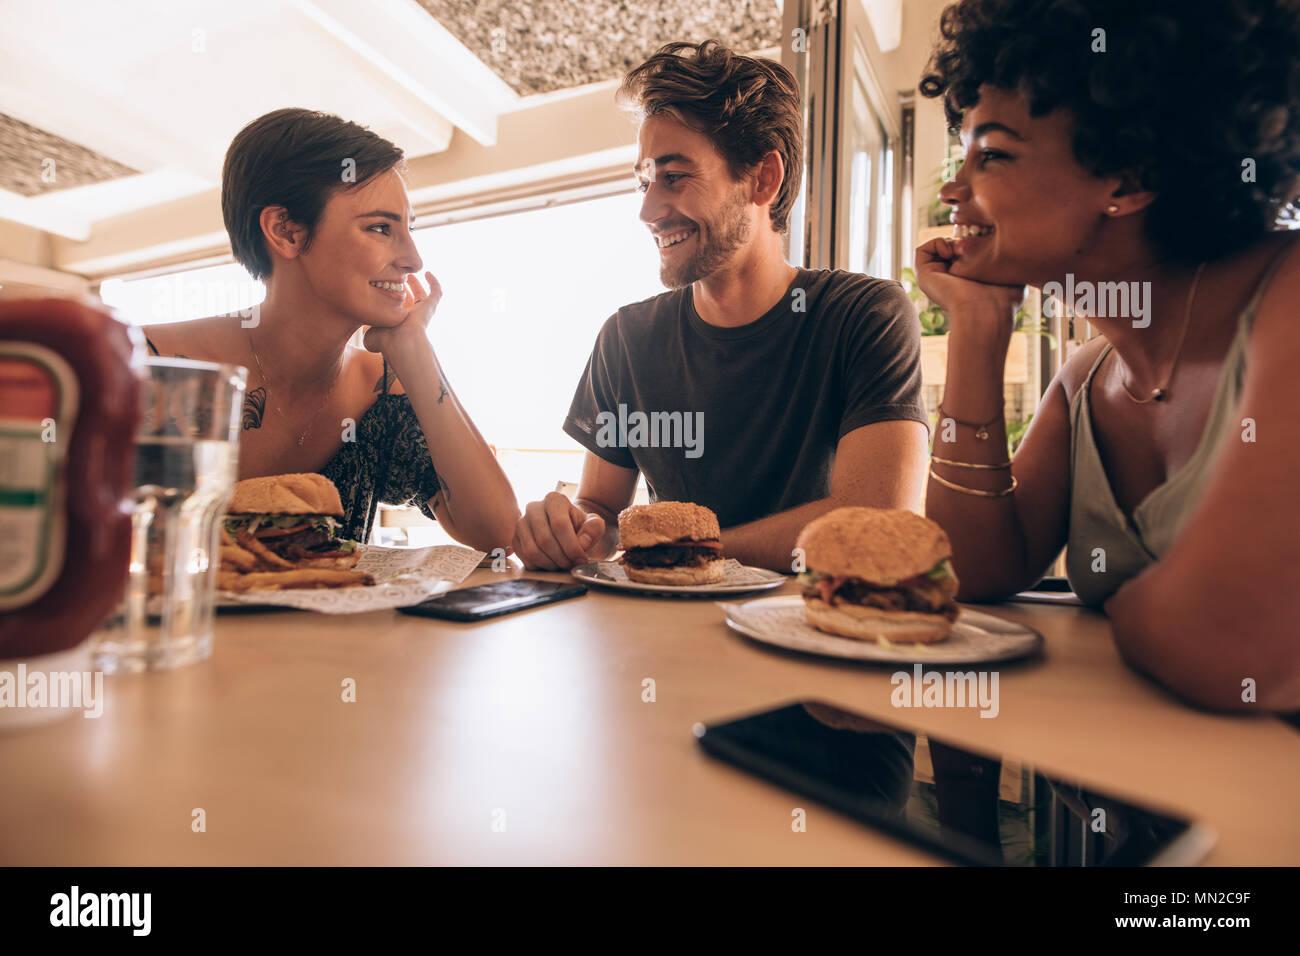 Groupe d'amis assis dans un restaurant avec un hamburger empilés sur la table. Heureux jeune homme avec ses amis féminins assis ensemble à café et hav Banque D'Images